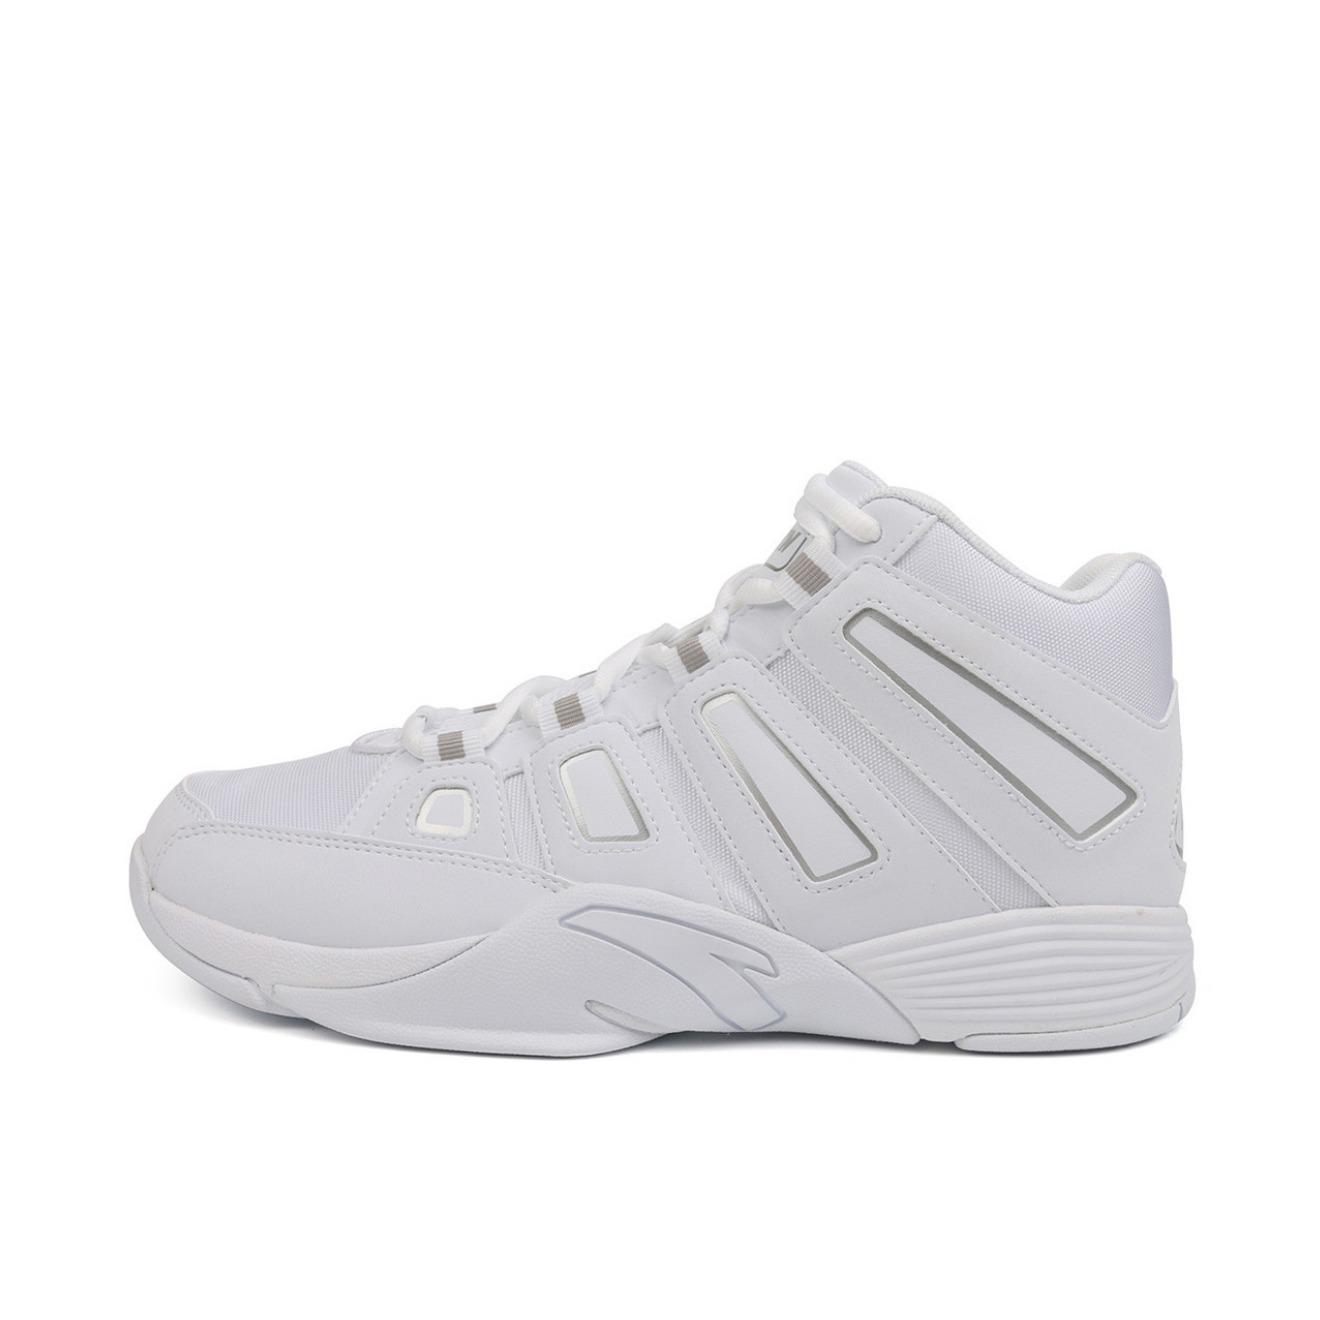 安踏 水泥克星系列  篮球鞋 91741135